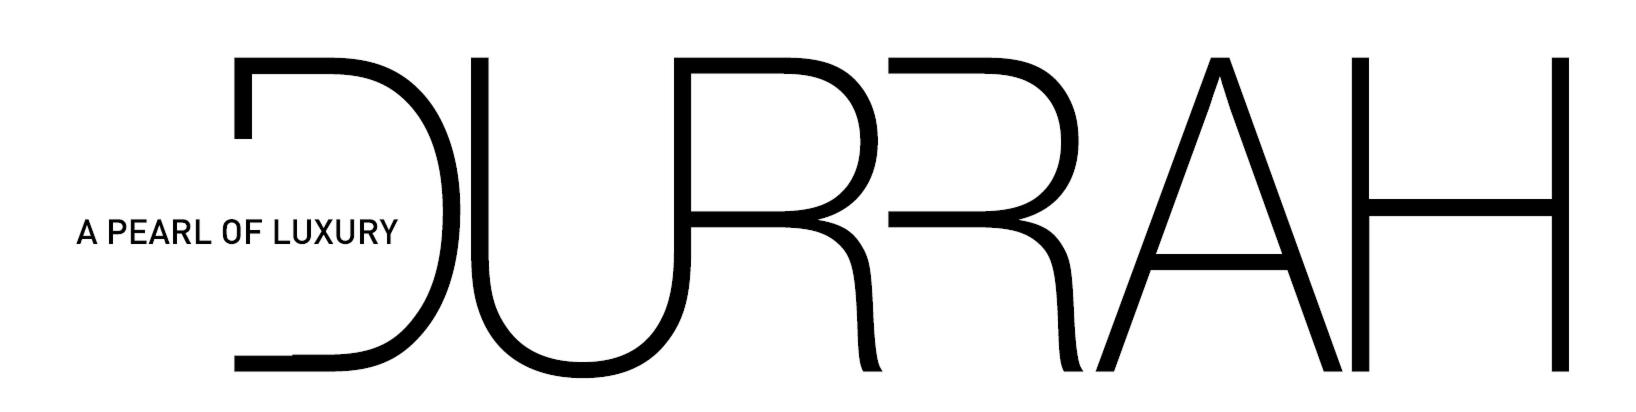 Durrah